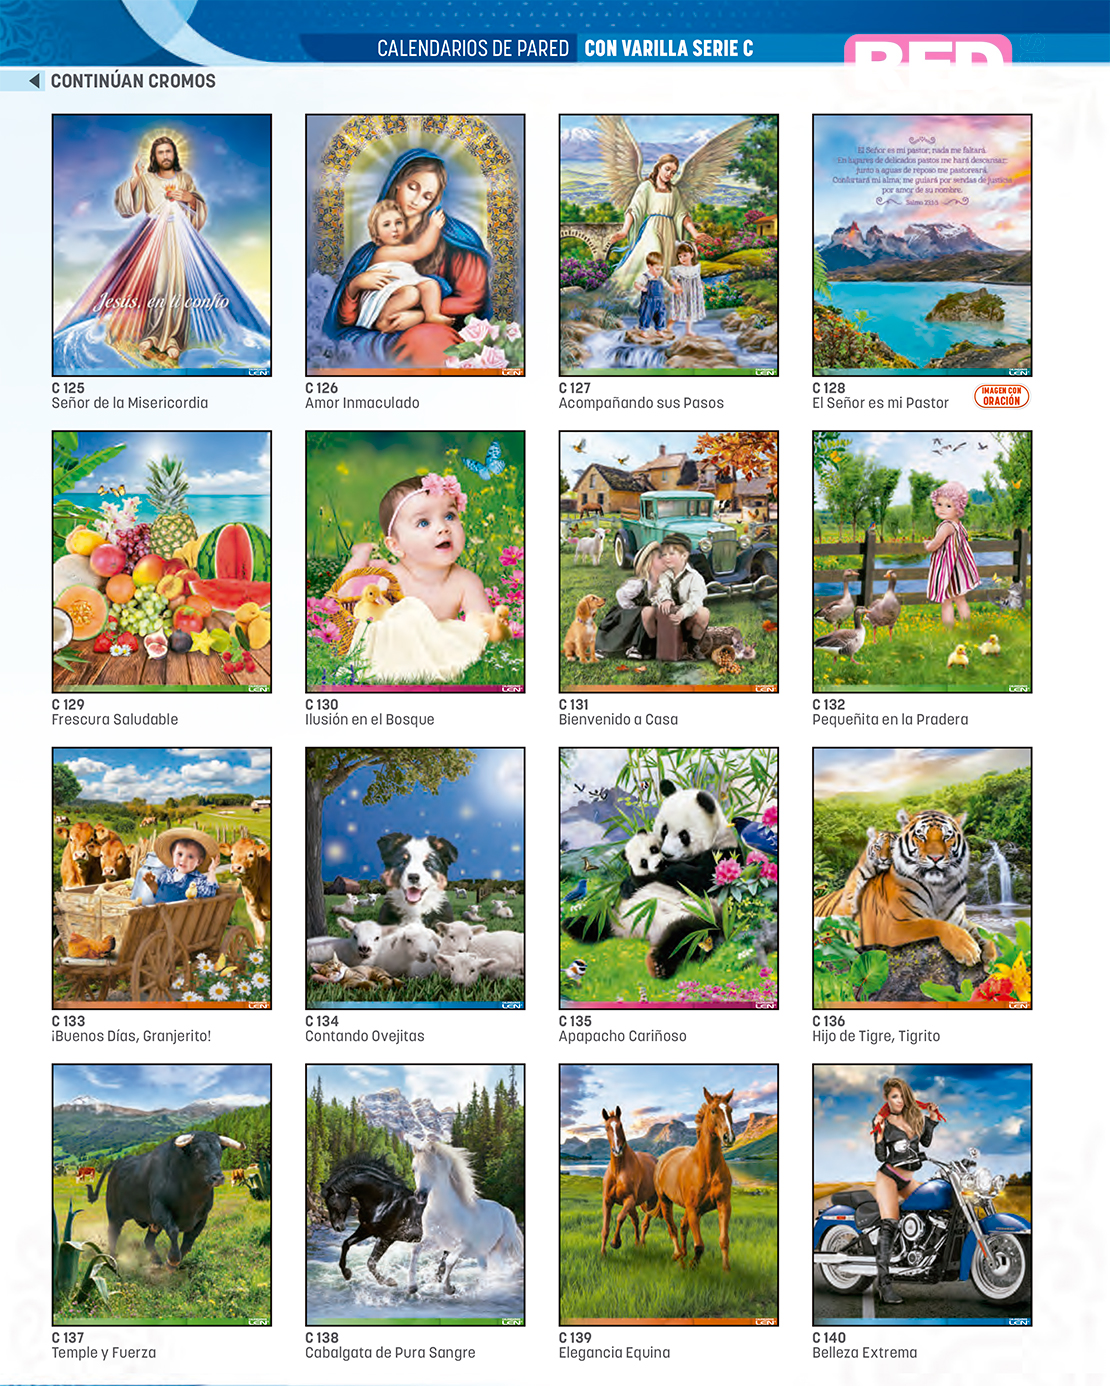 42-Catalogo-Calendarios-LEN-2021-Serie-C-125-140-calendarios-red-2021.jpg